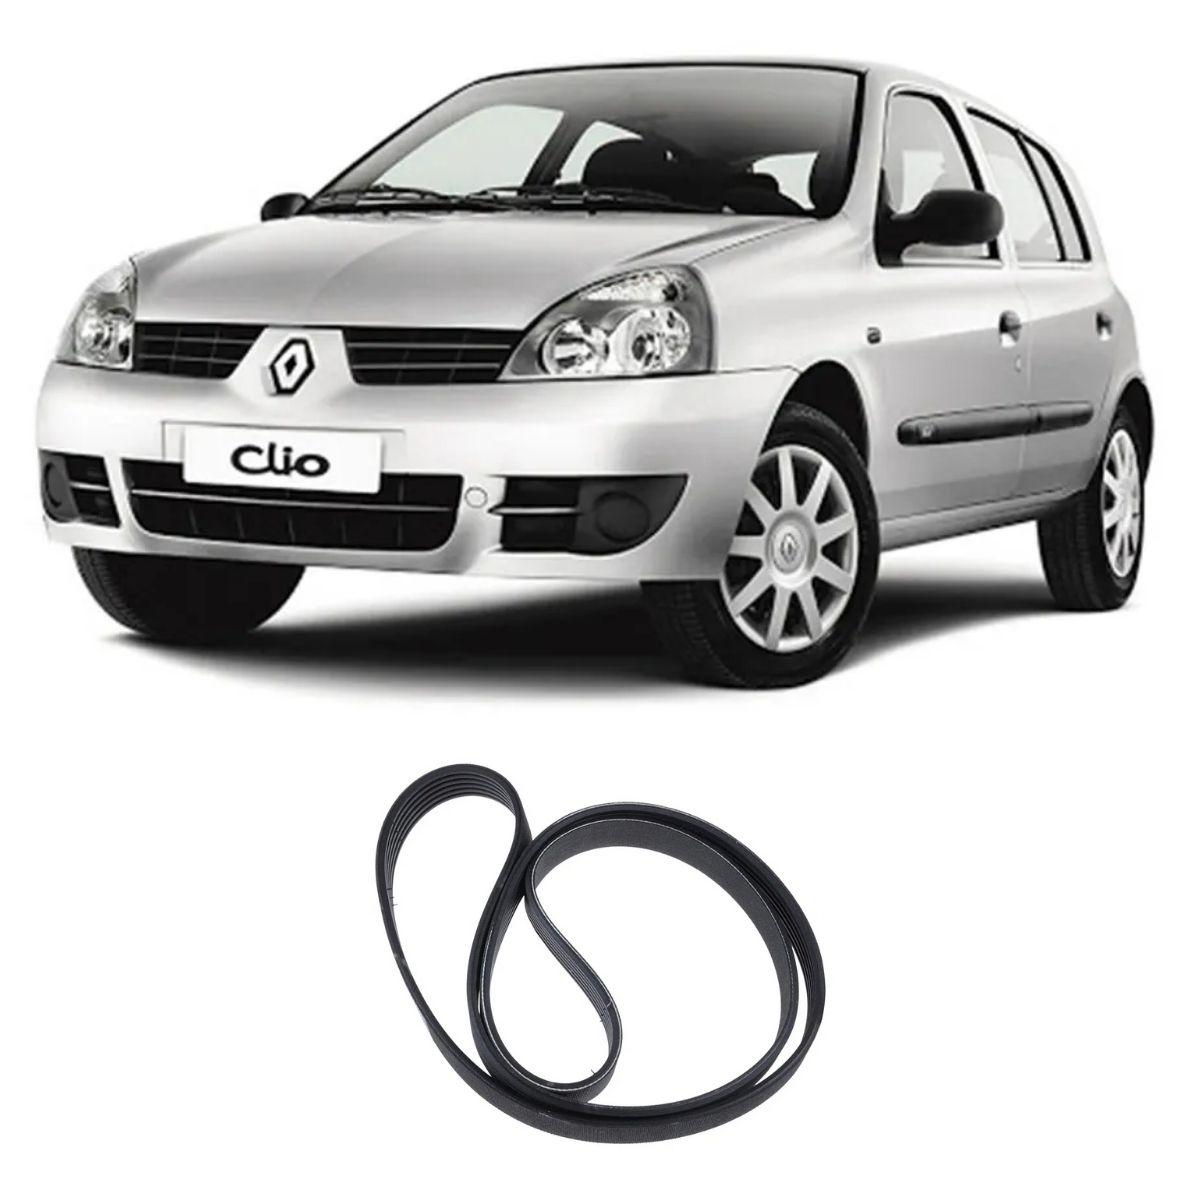 Correia Multi V Clio 1.0 16v 2001/2008 Sandero 2007/